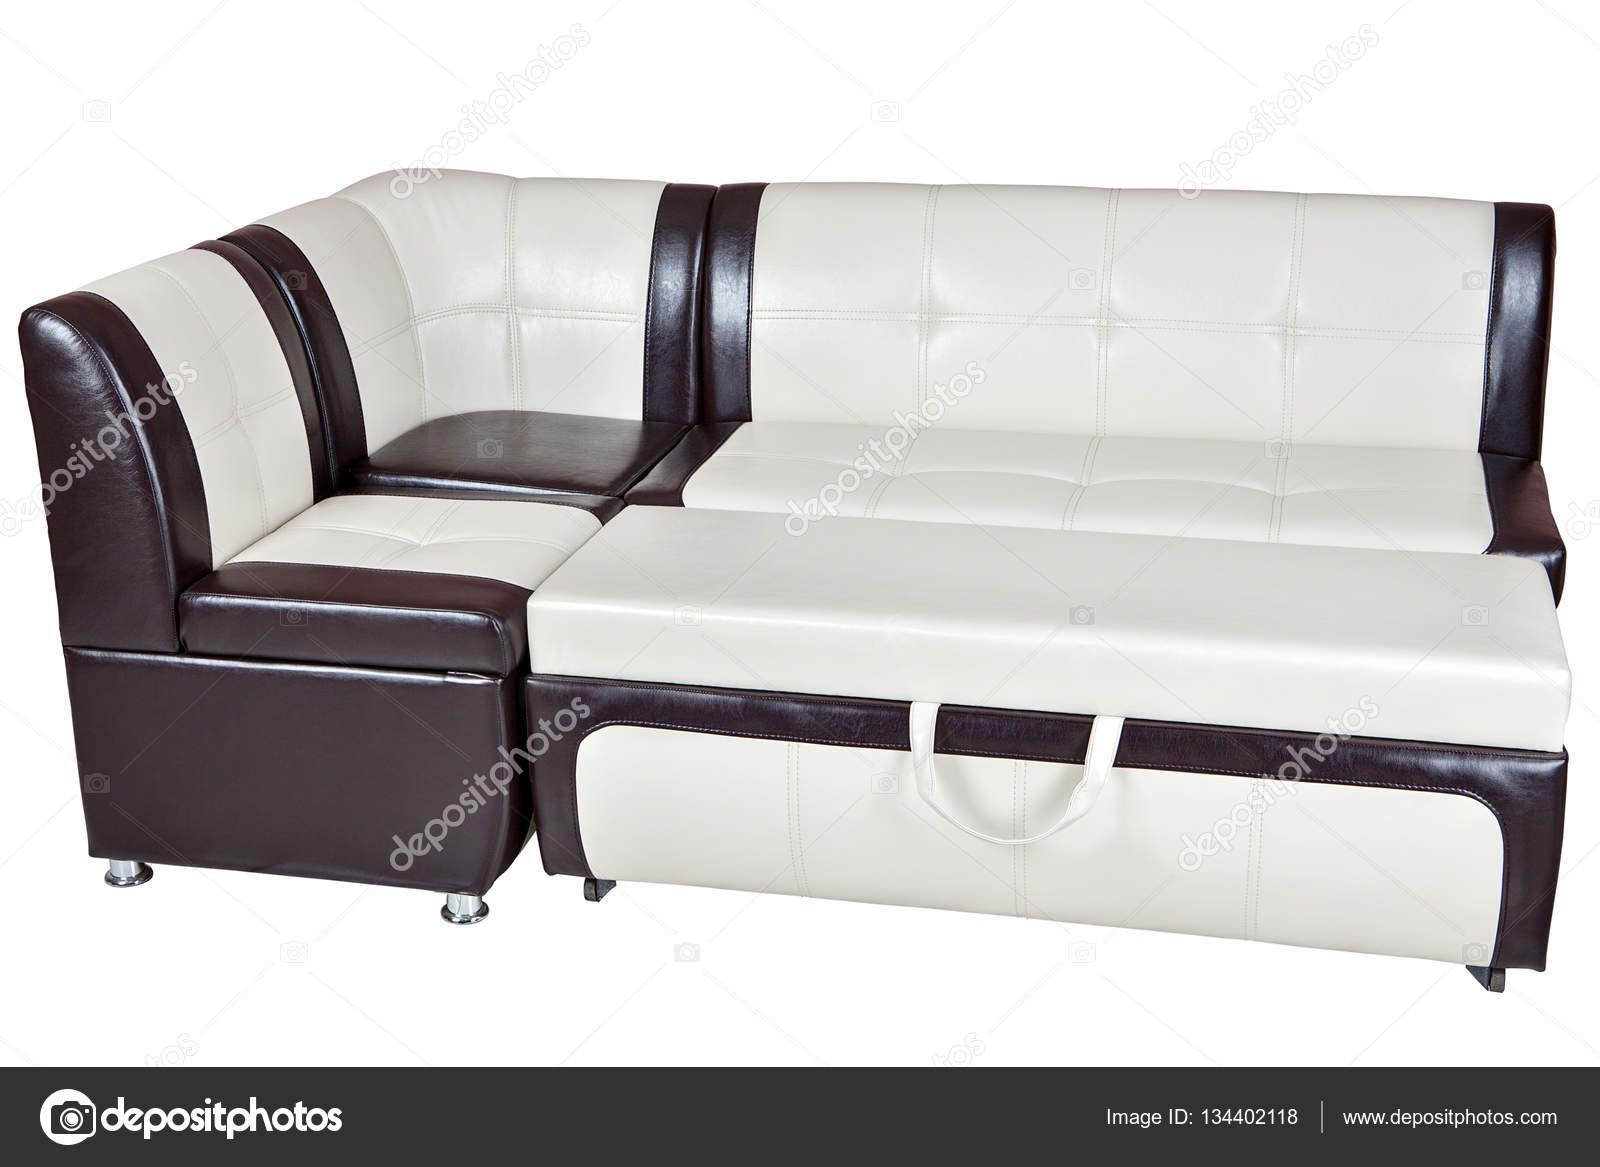 Divano Letto Bianco Ecopelle : Divano letto angolare in ecopelle mobili da sala da pranzo isolato